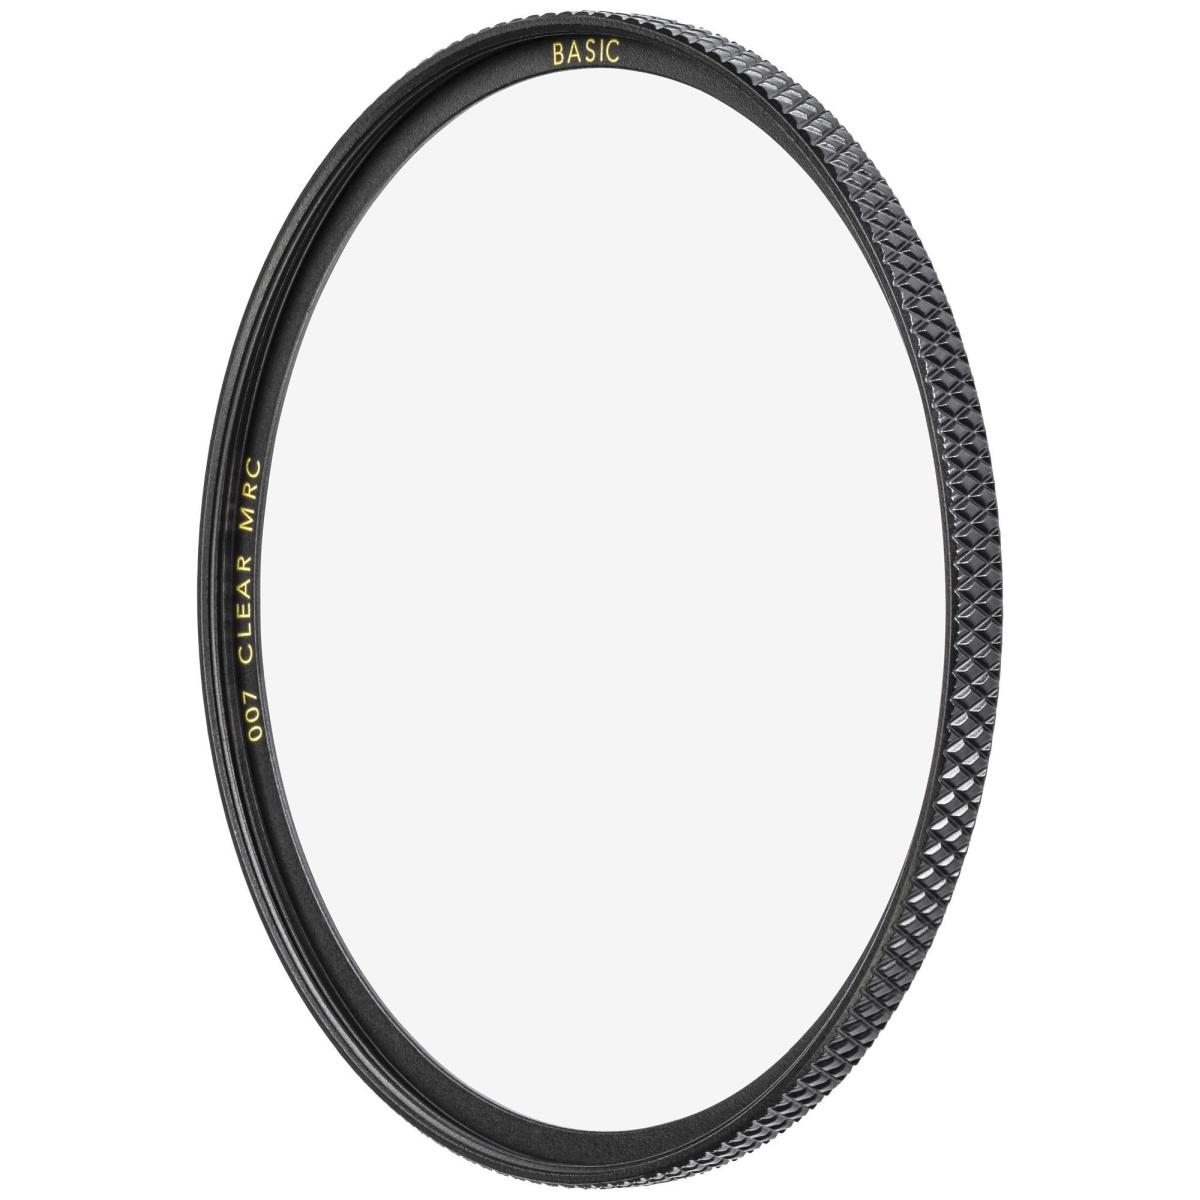 B+W Clear Filter 43 mm MRC Basic